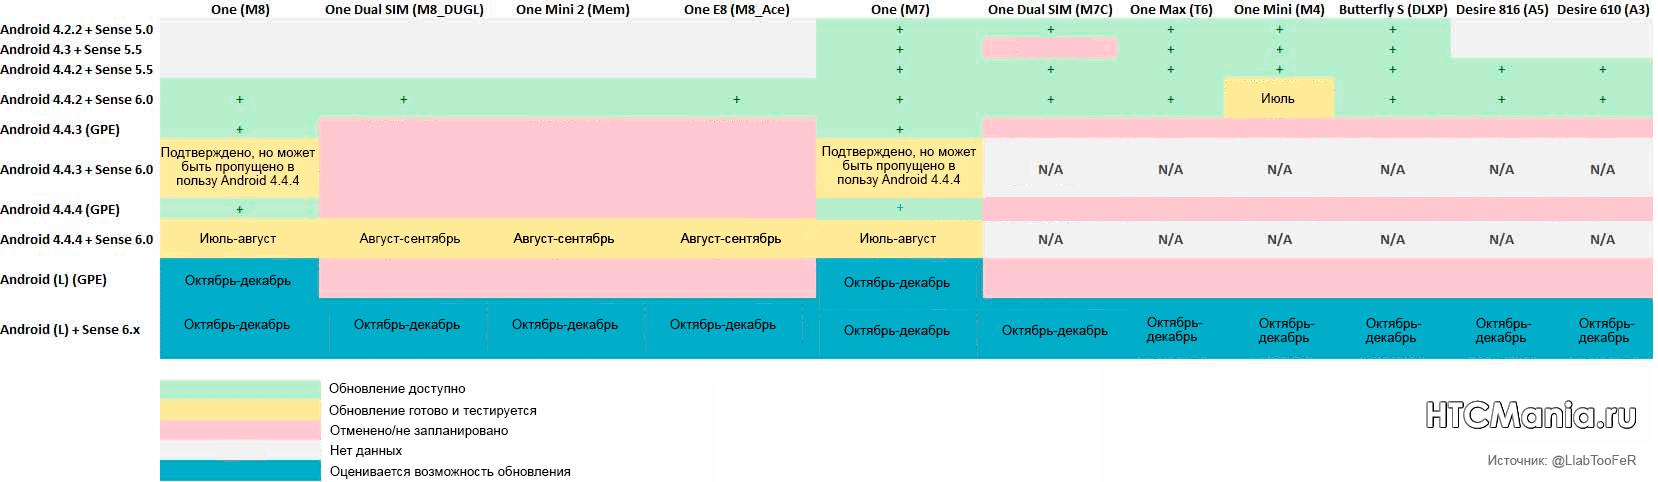 План обновлений HTC на второе полугодие 2014 года